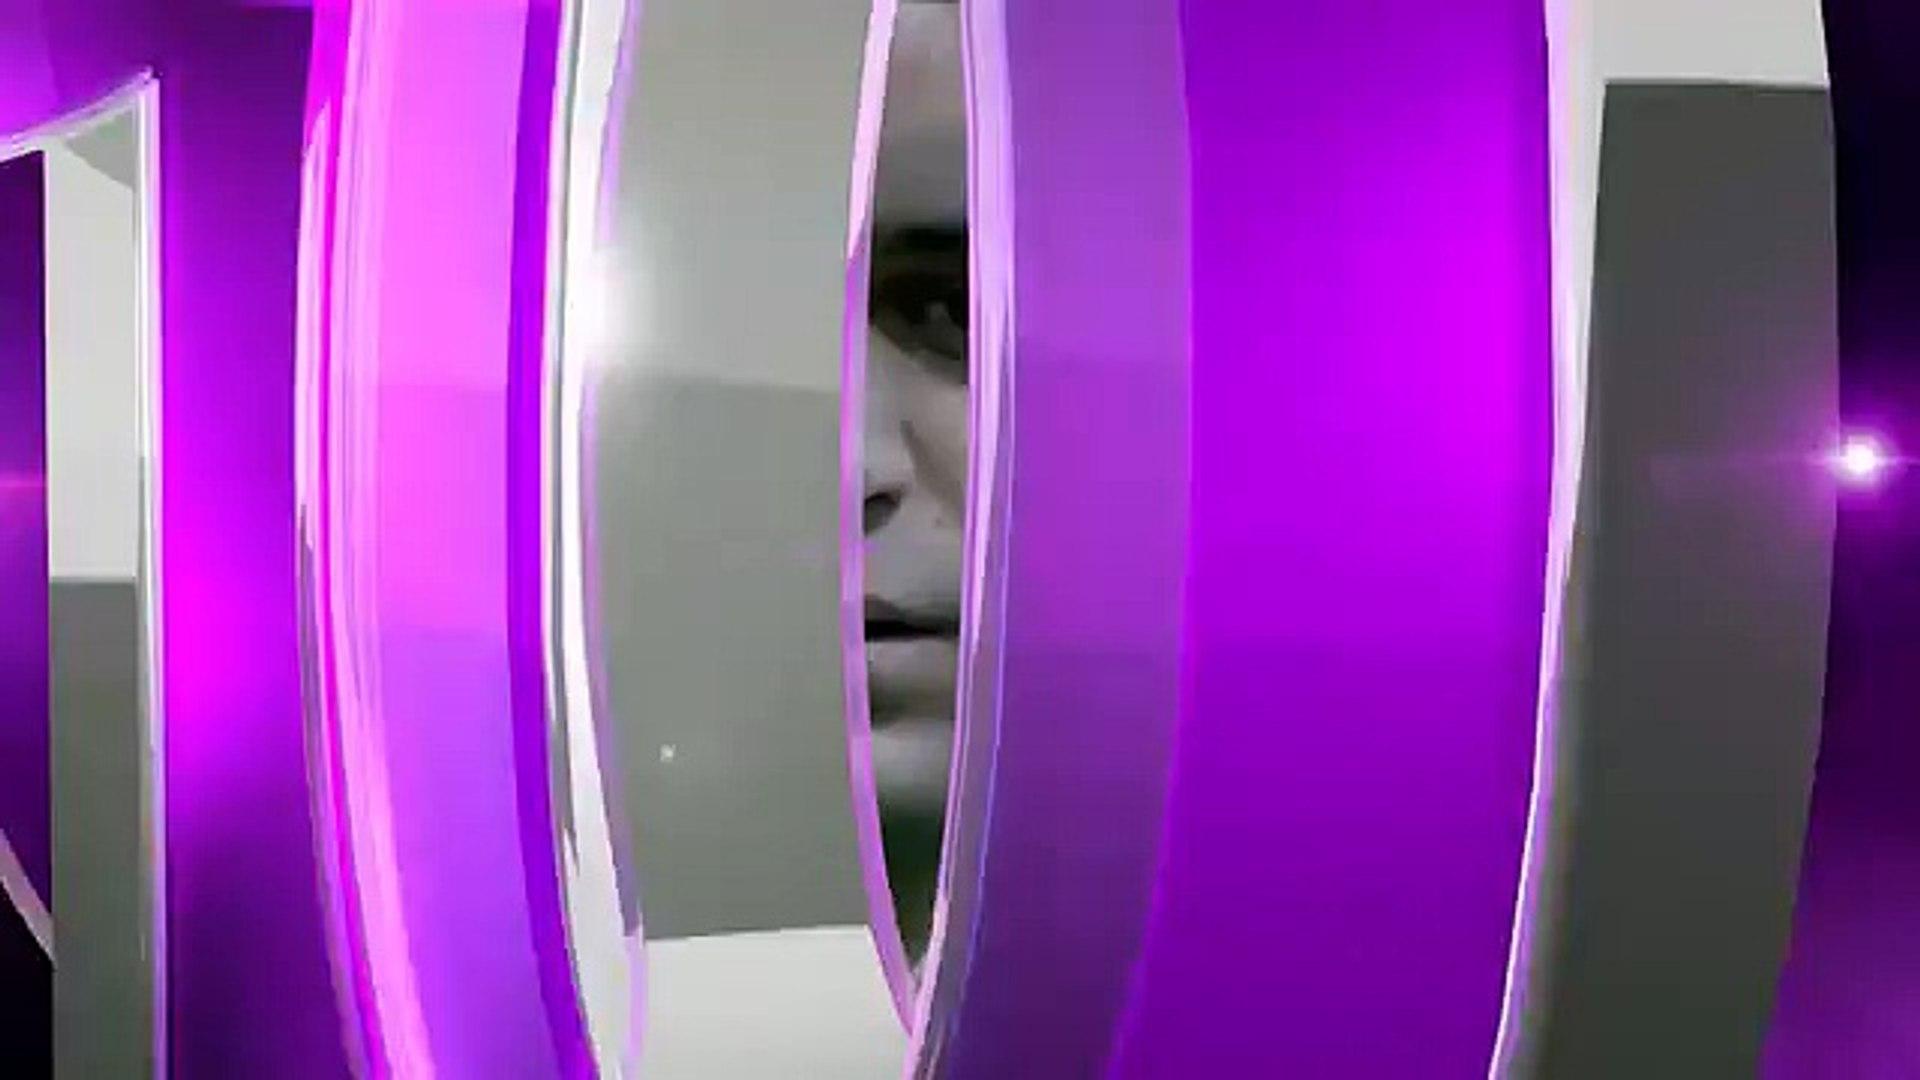 لعبة الصمت - مسلسل تركي_001